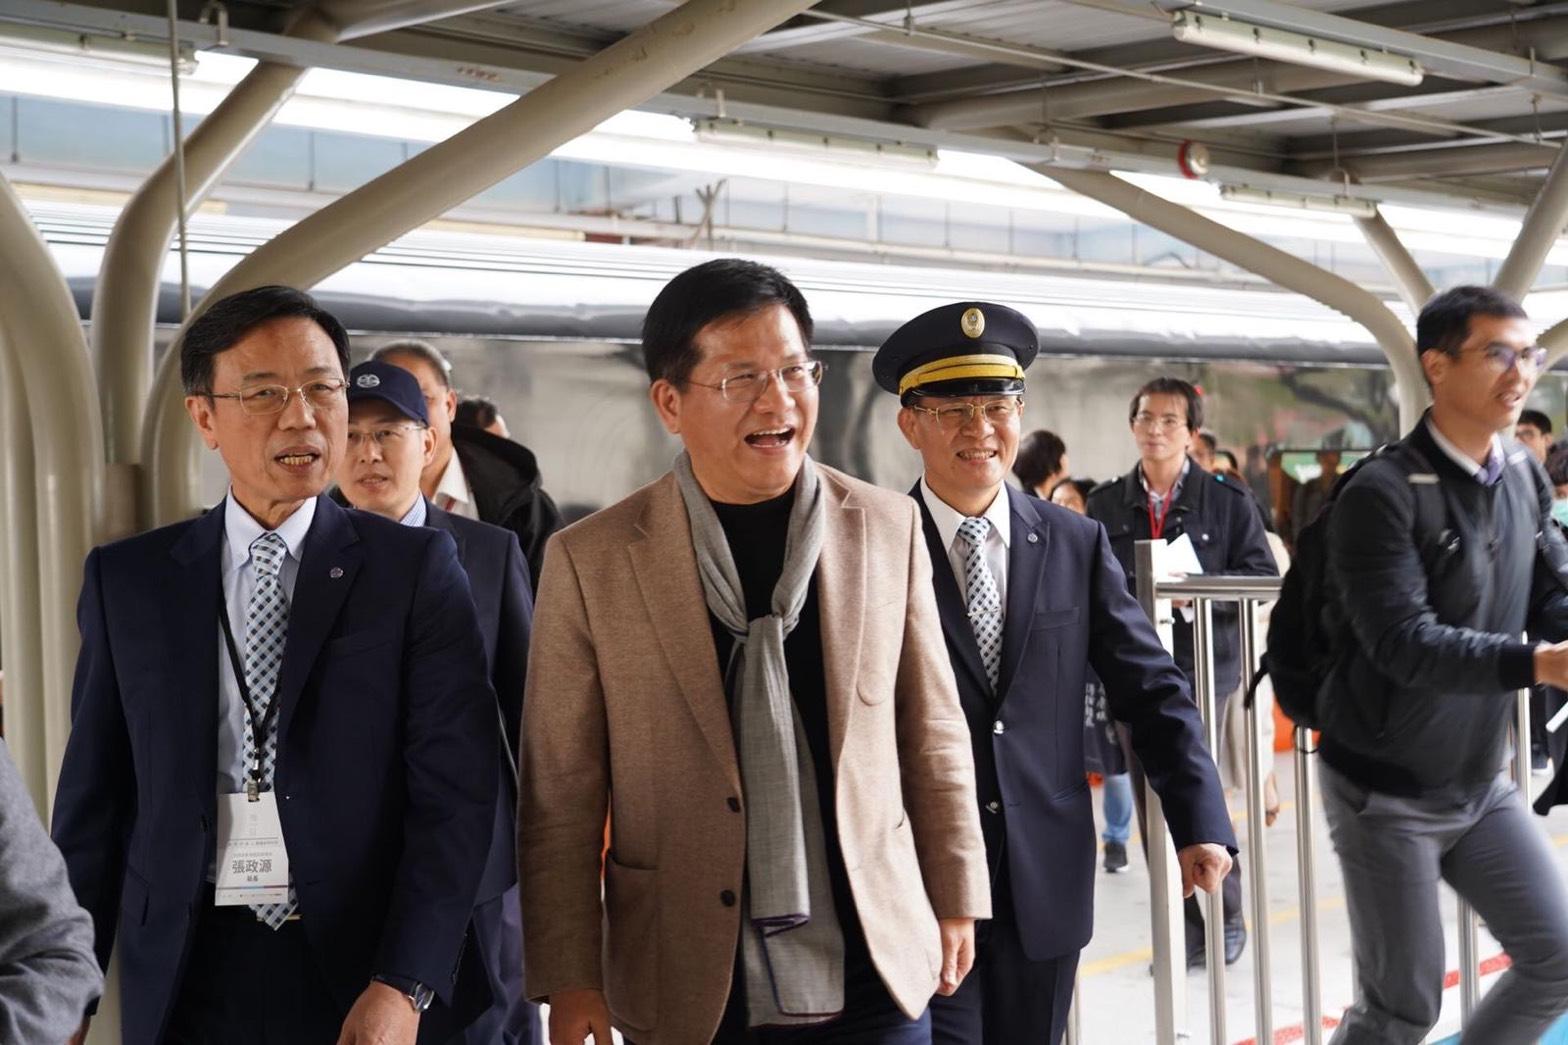 台灣最美的移動風景!林佳龍率美學專家參與臺鐵《鳴日號》2020首航